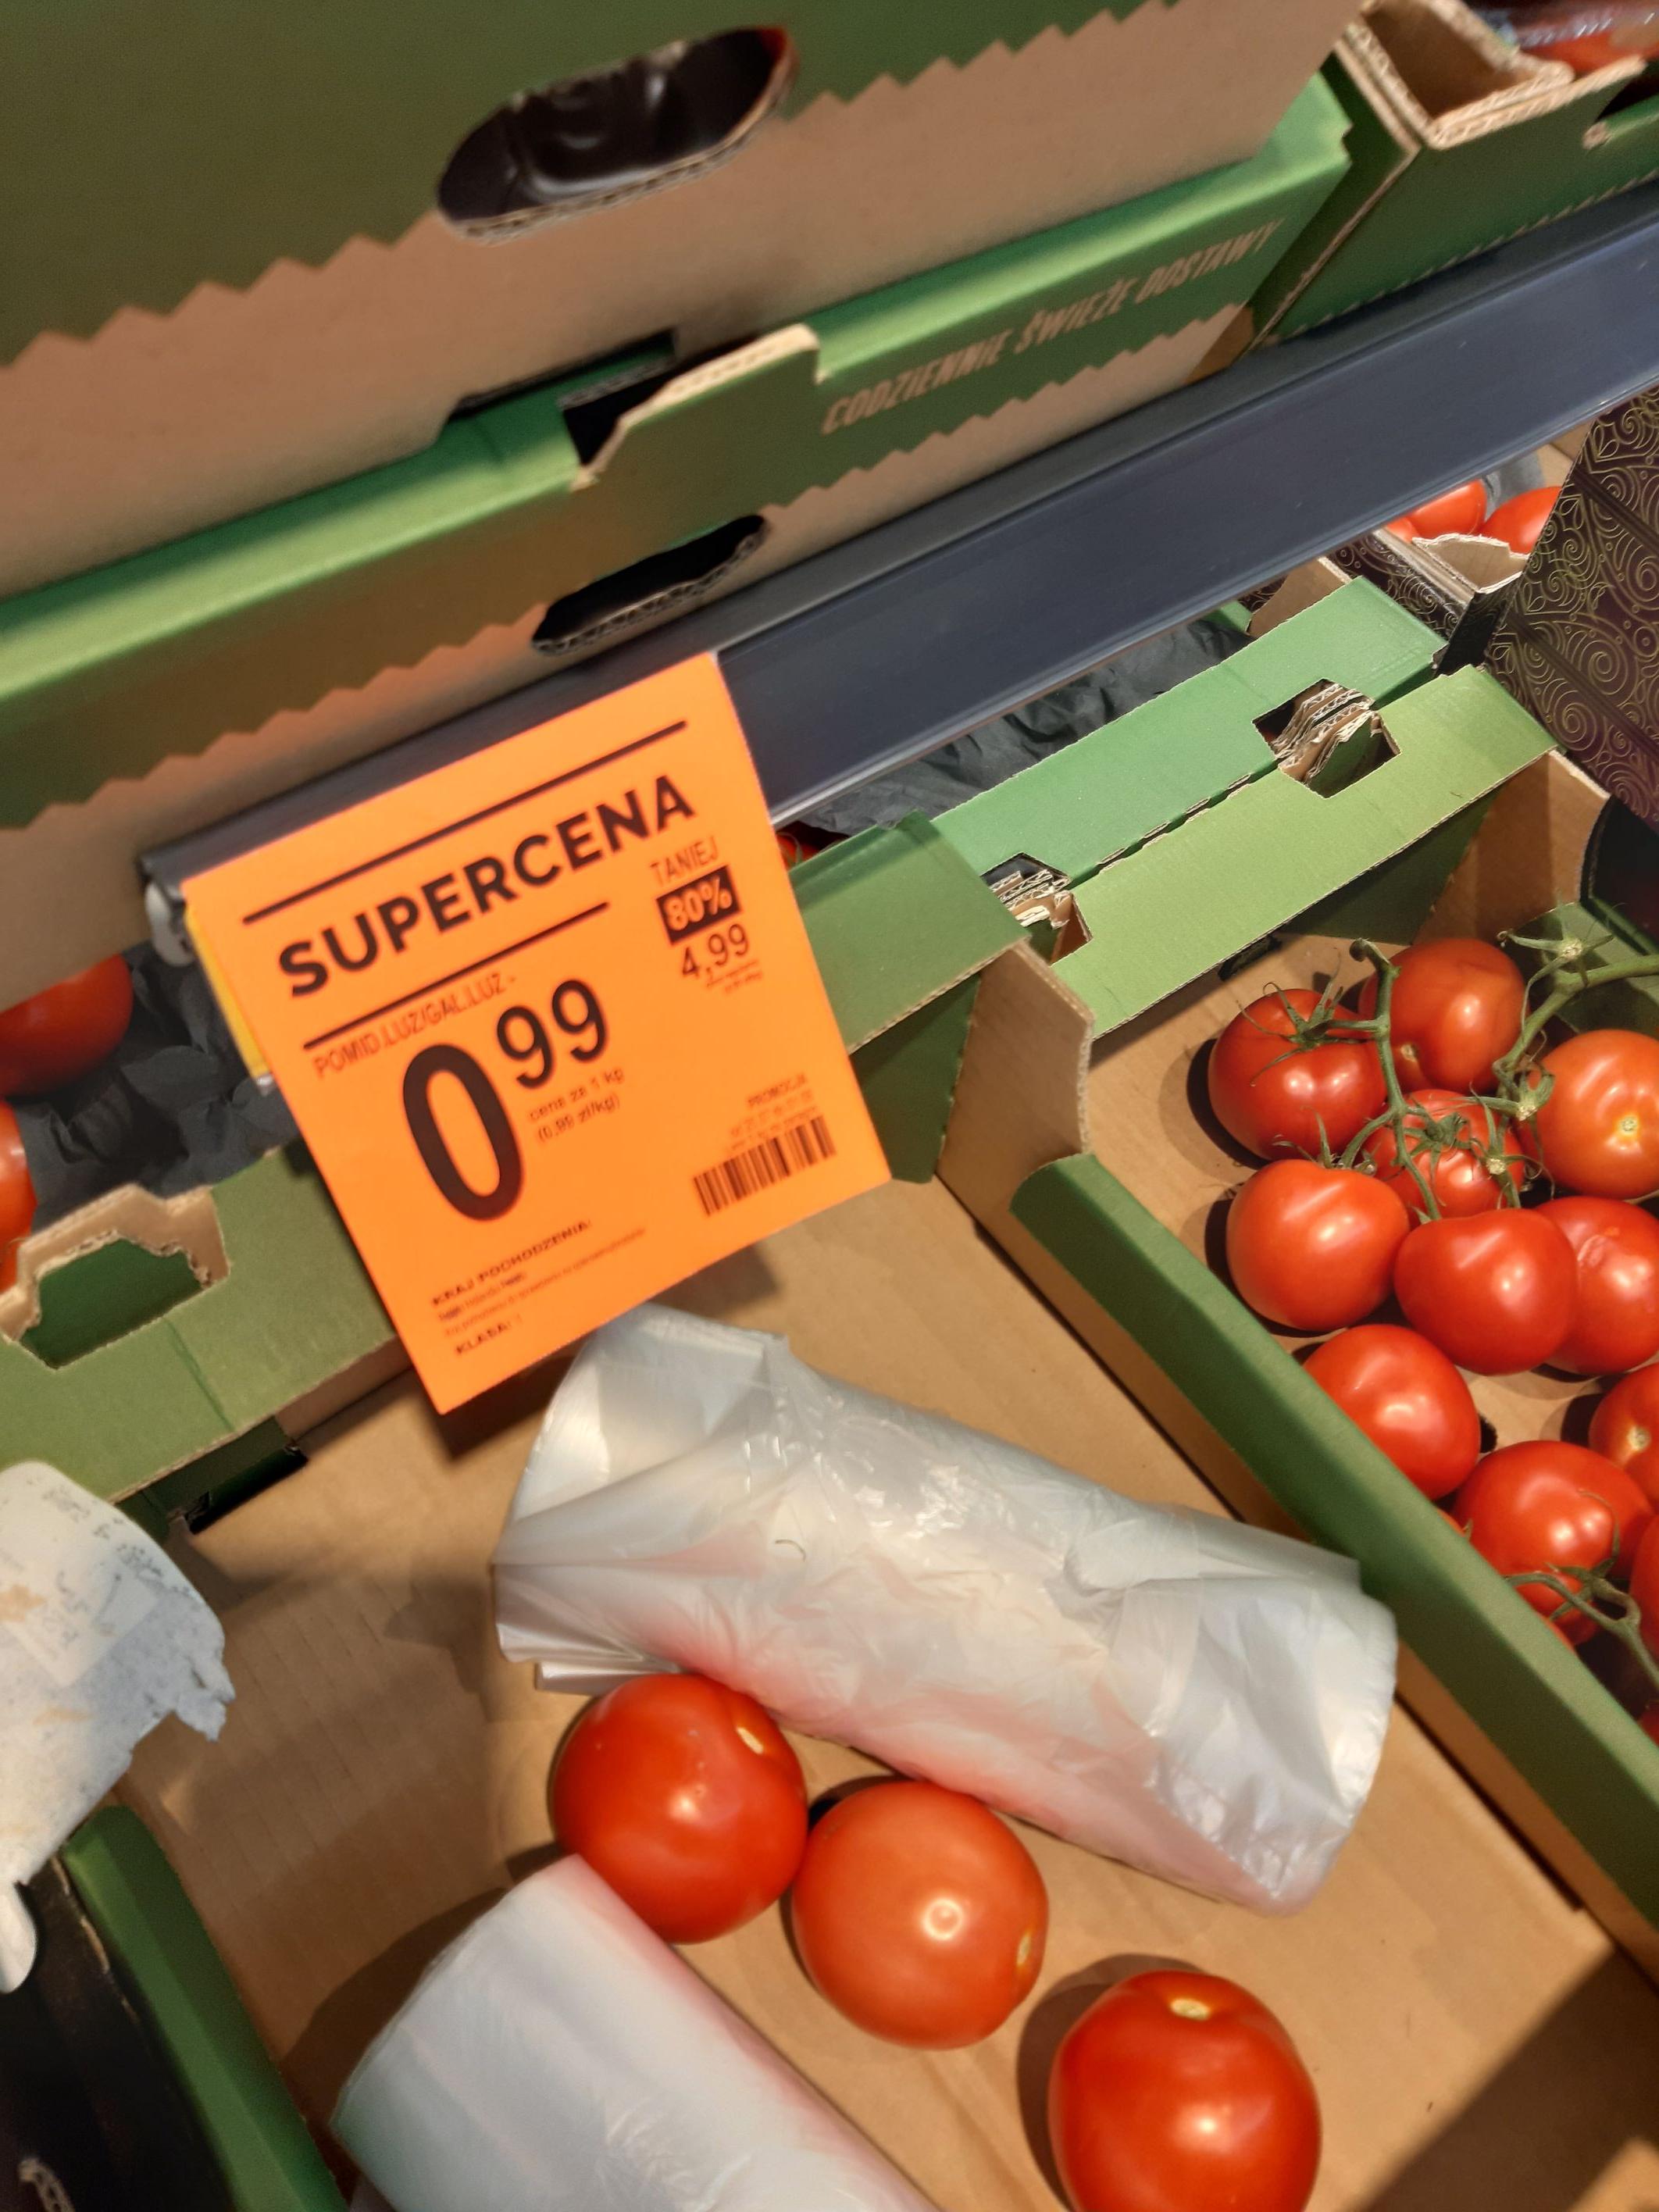 Pomidory @ Biedronka (Wieliczka)